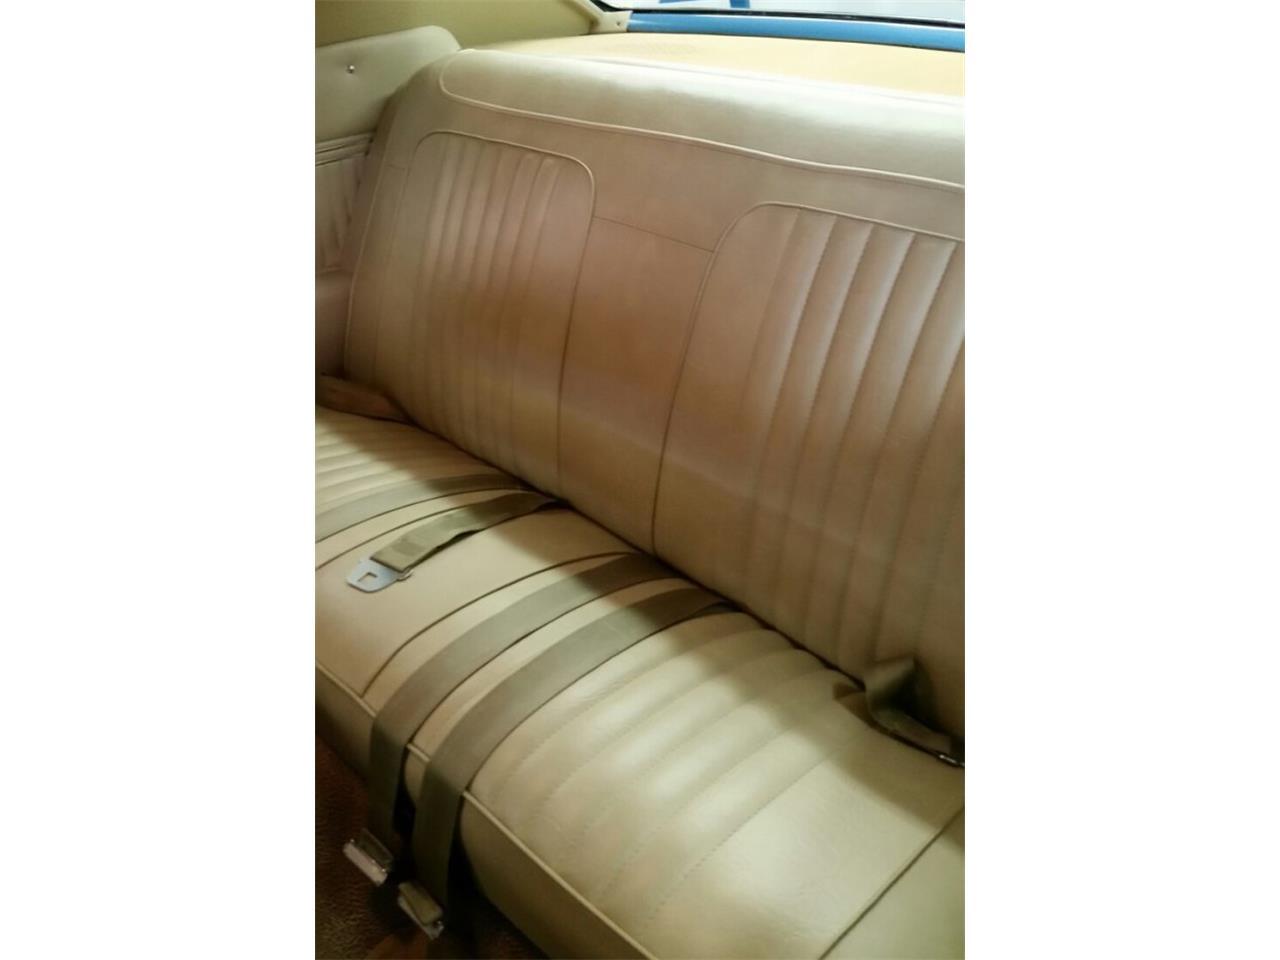 1971 Chevrolet Chevelle SS (CC-1269914) for sale in Hanover, Massachusetts